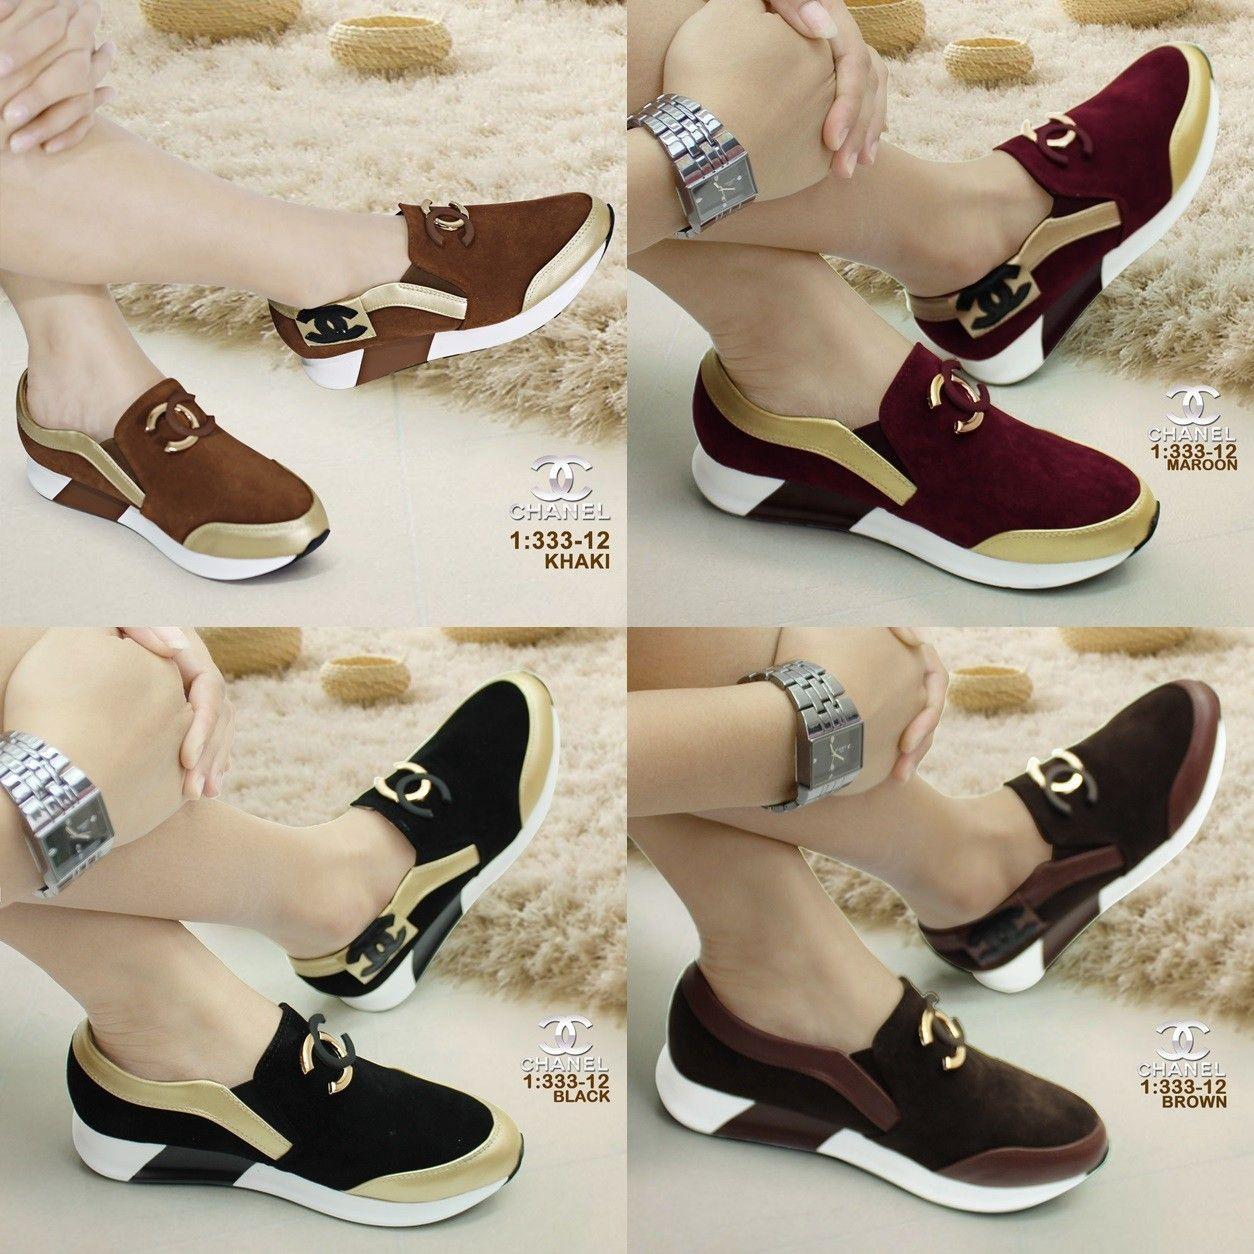 Sepatu Merk Chanel Seri 333 12 Kualitas Semprem Bahan Suede